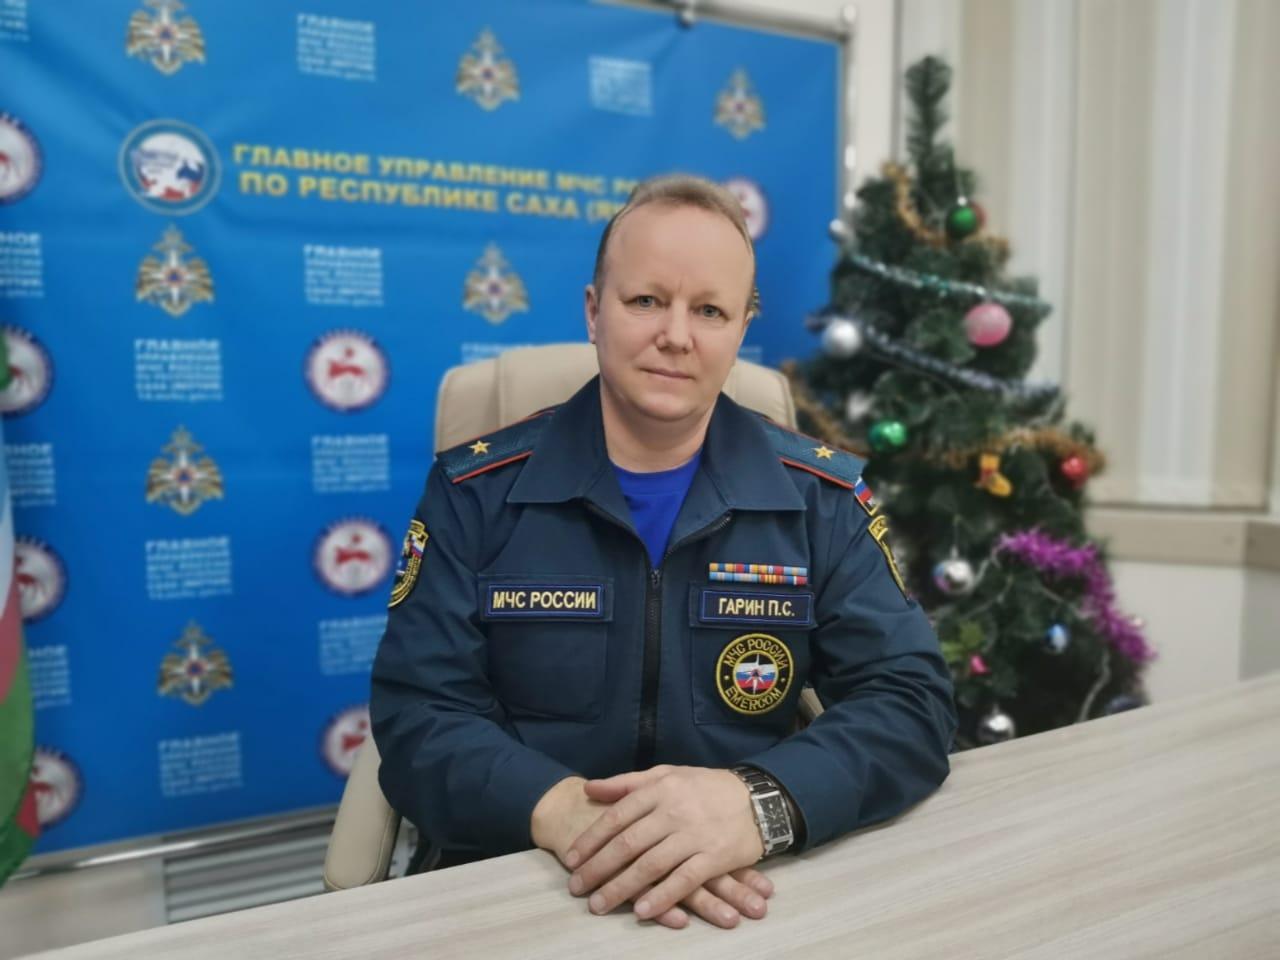 Павел Гарин: Пусть 2020 год станет мирным, успешным и благополучным для каждого якутянина